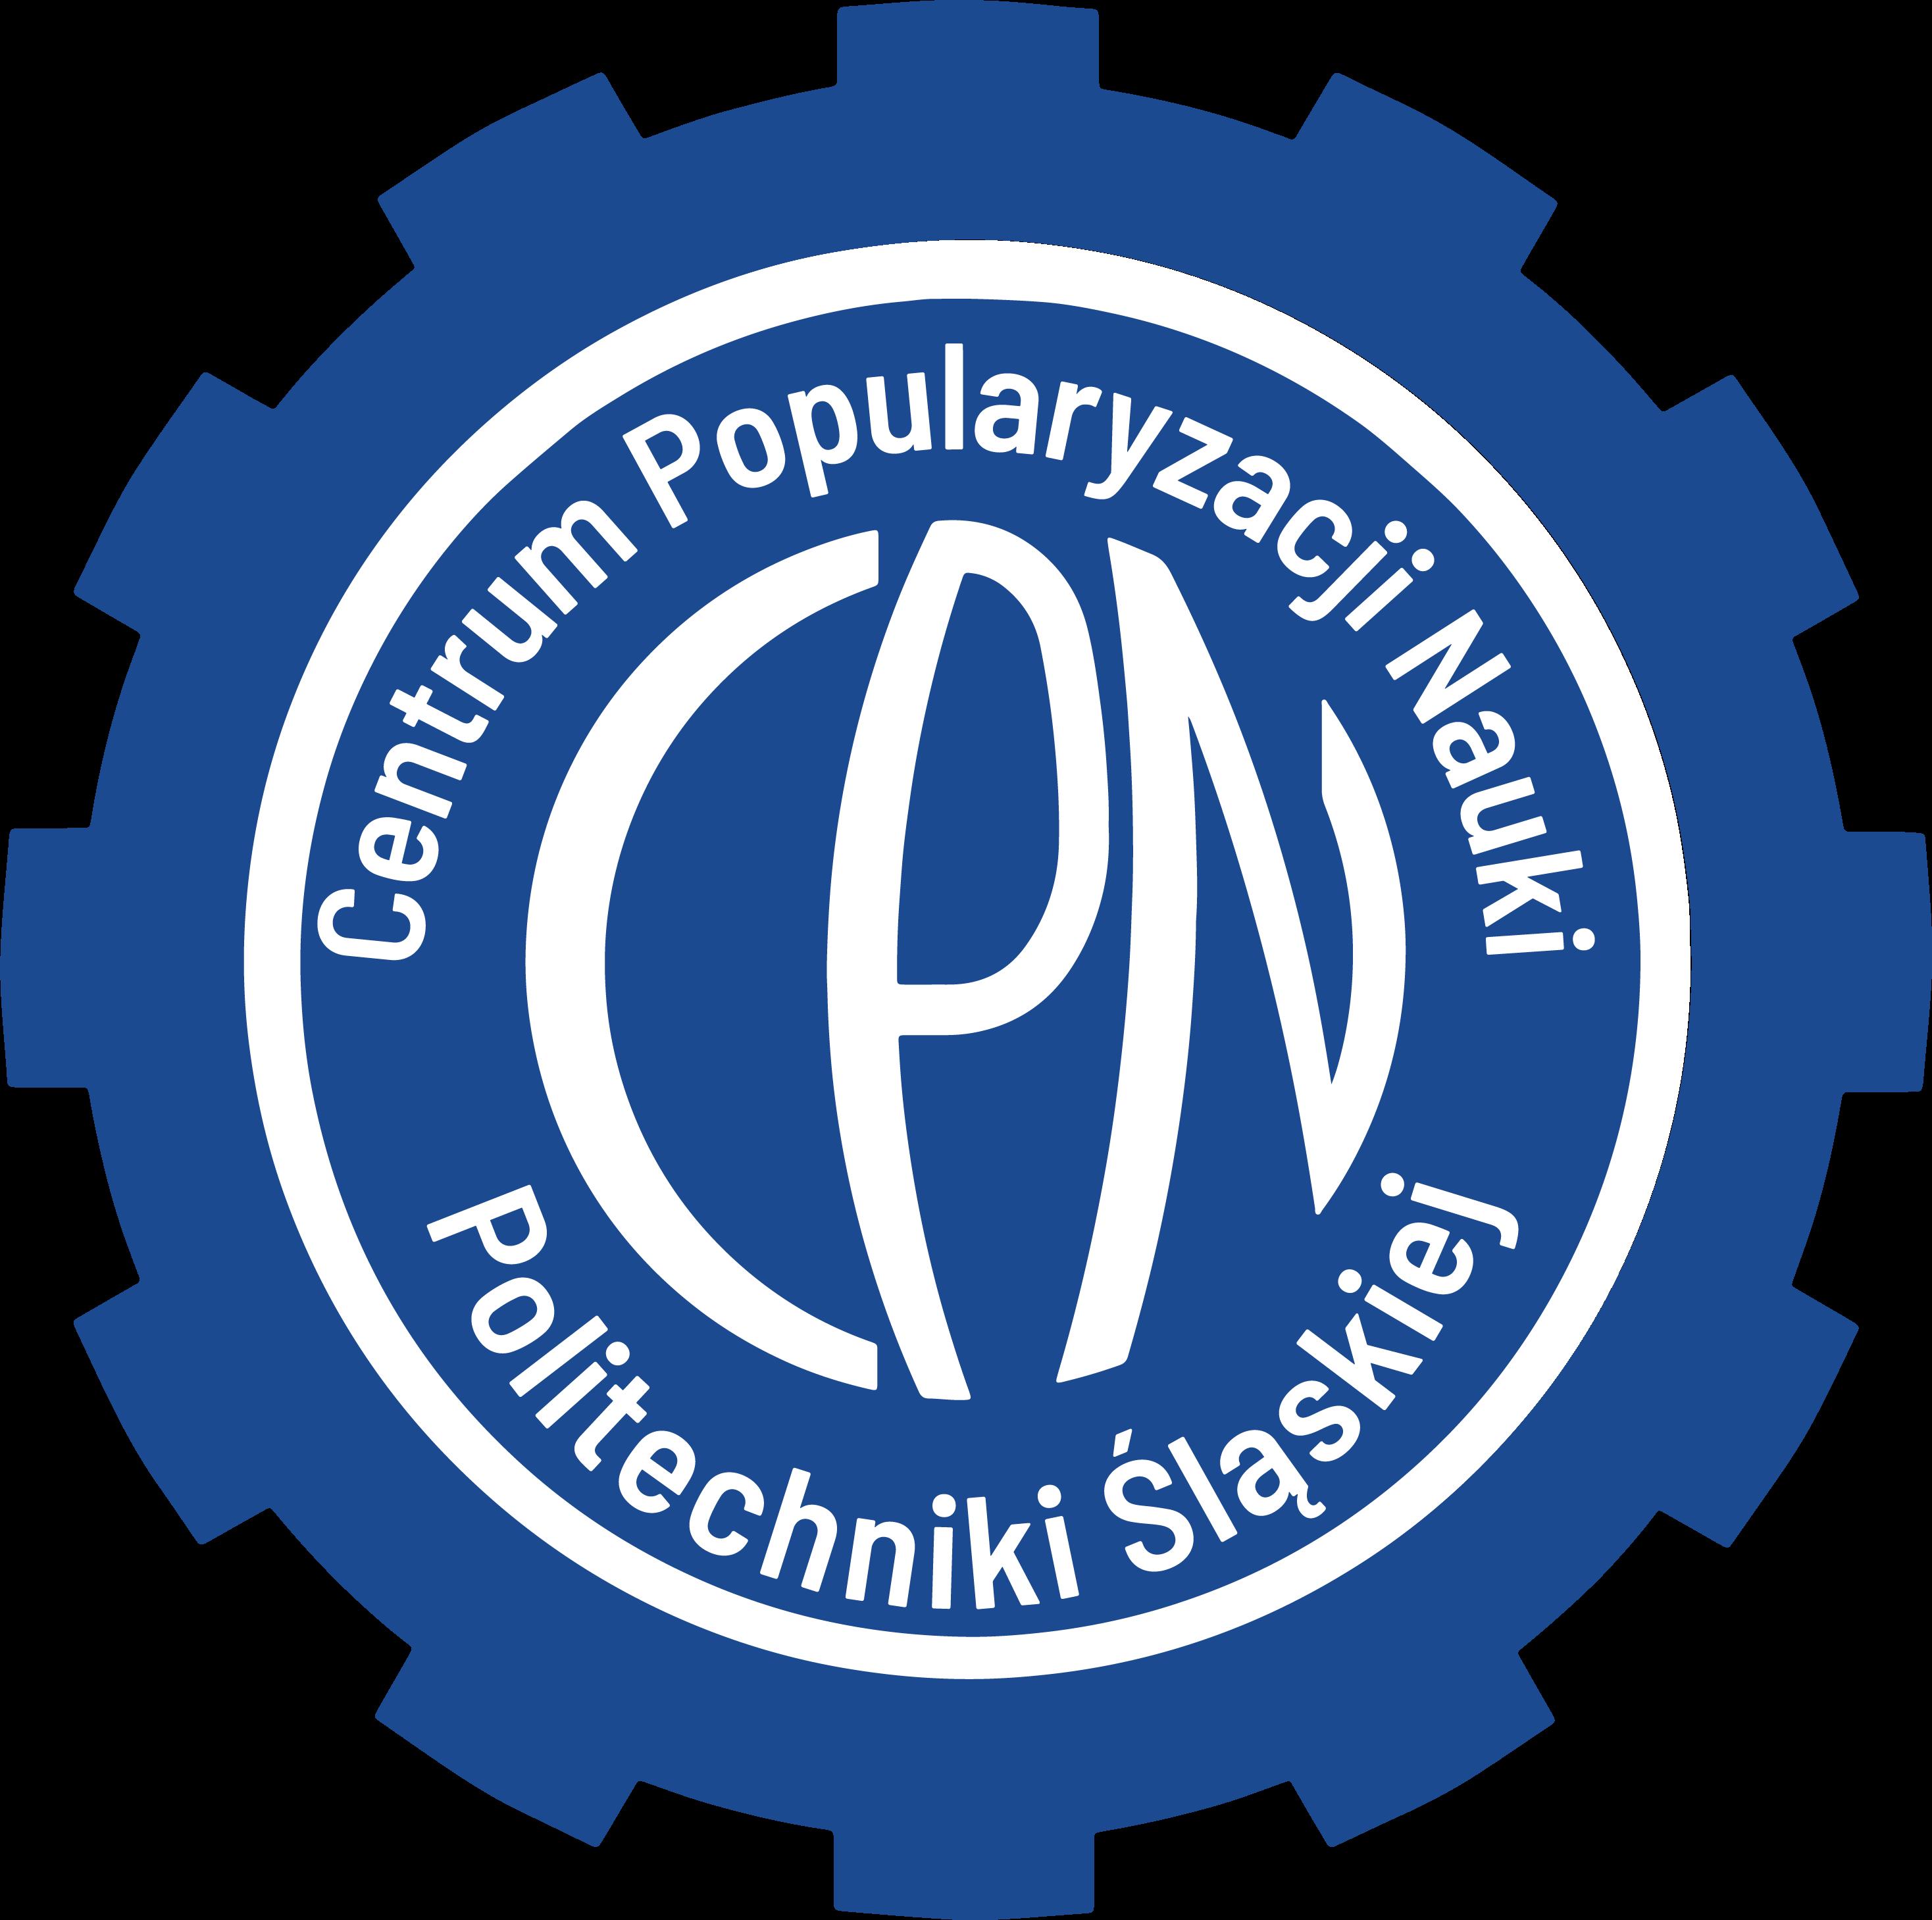 Centrum Popularyzacji Nauki